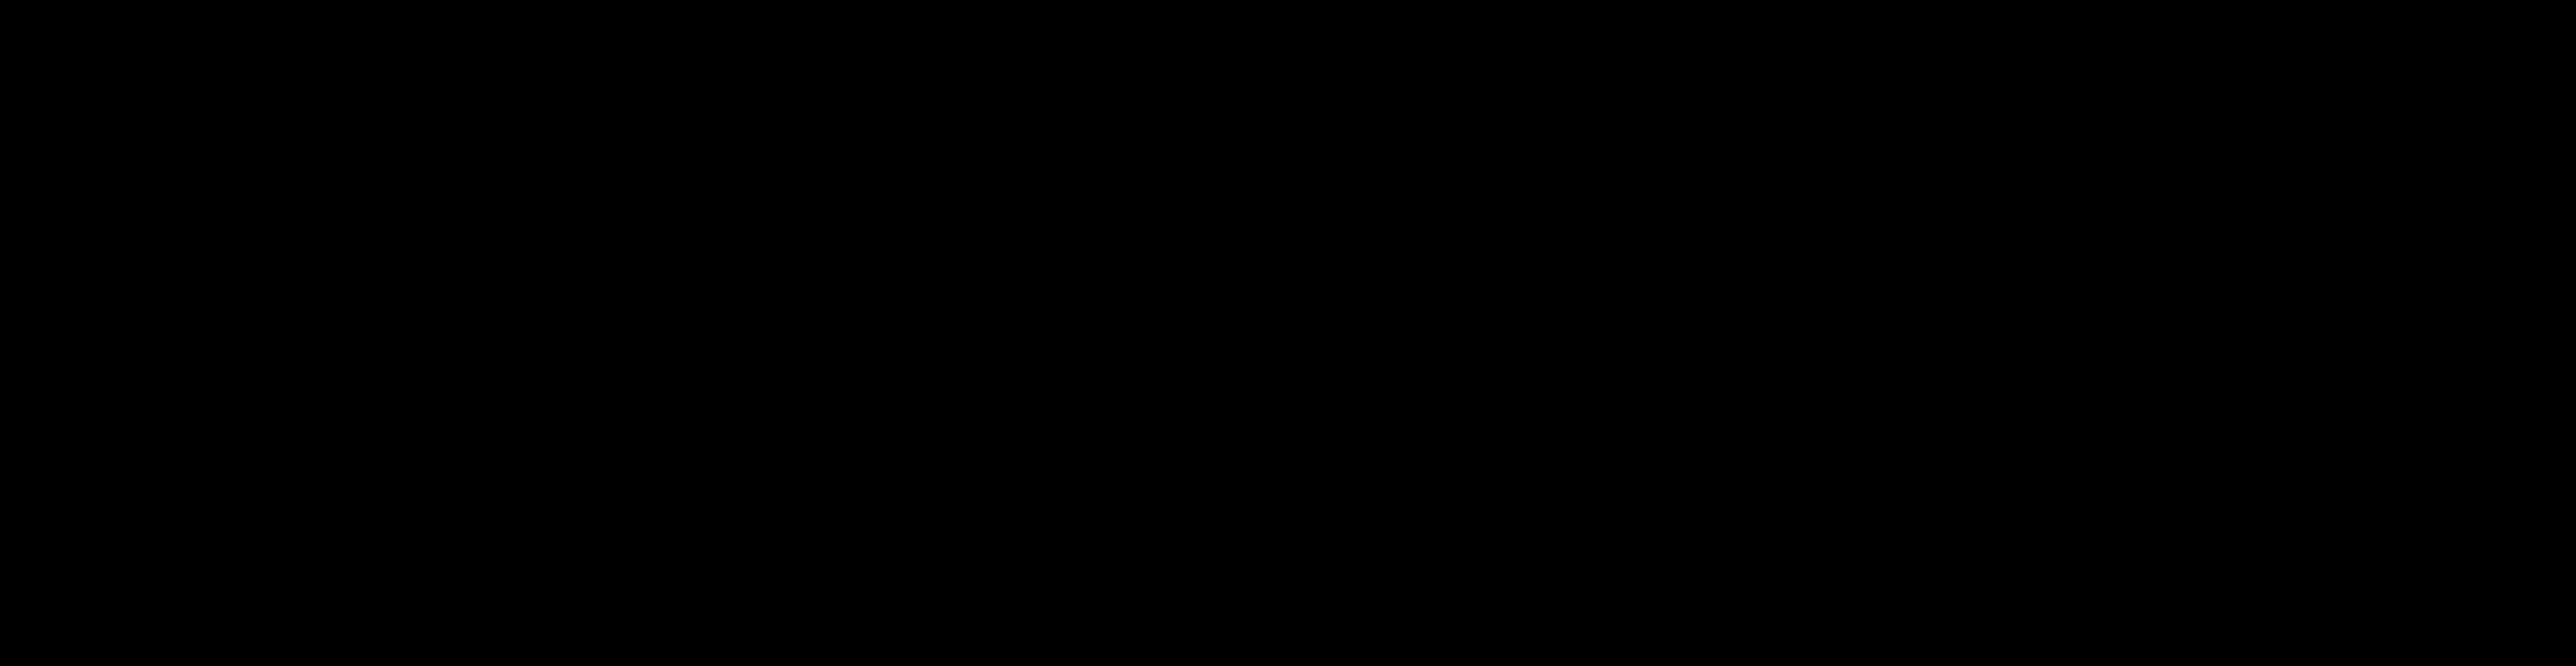 Logo Bitquick - @bitquick - bitquick.com